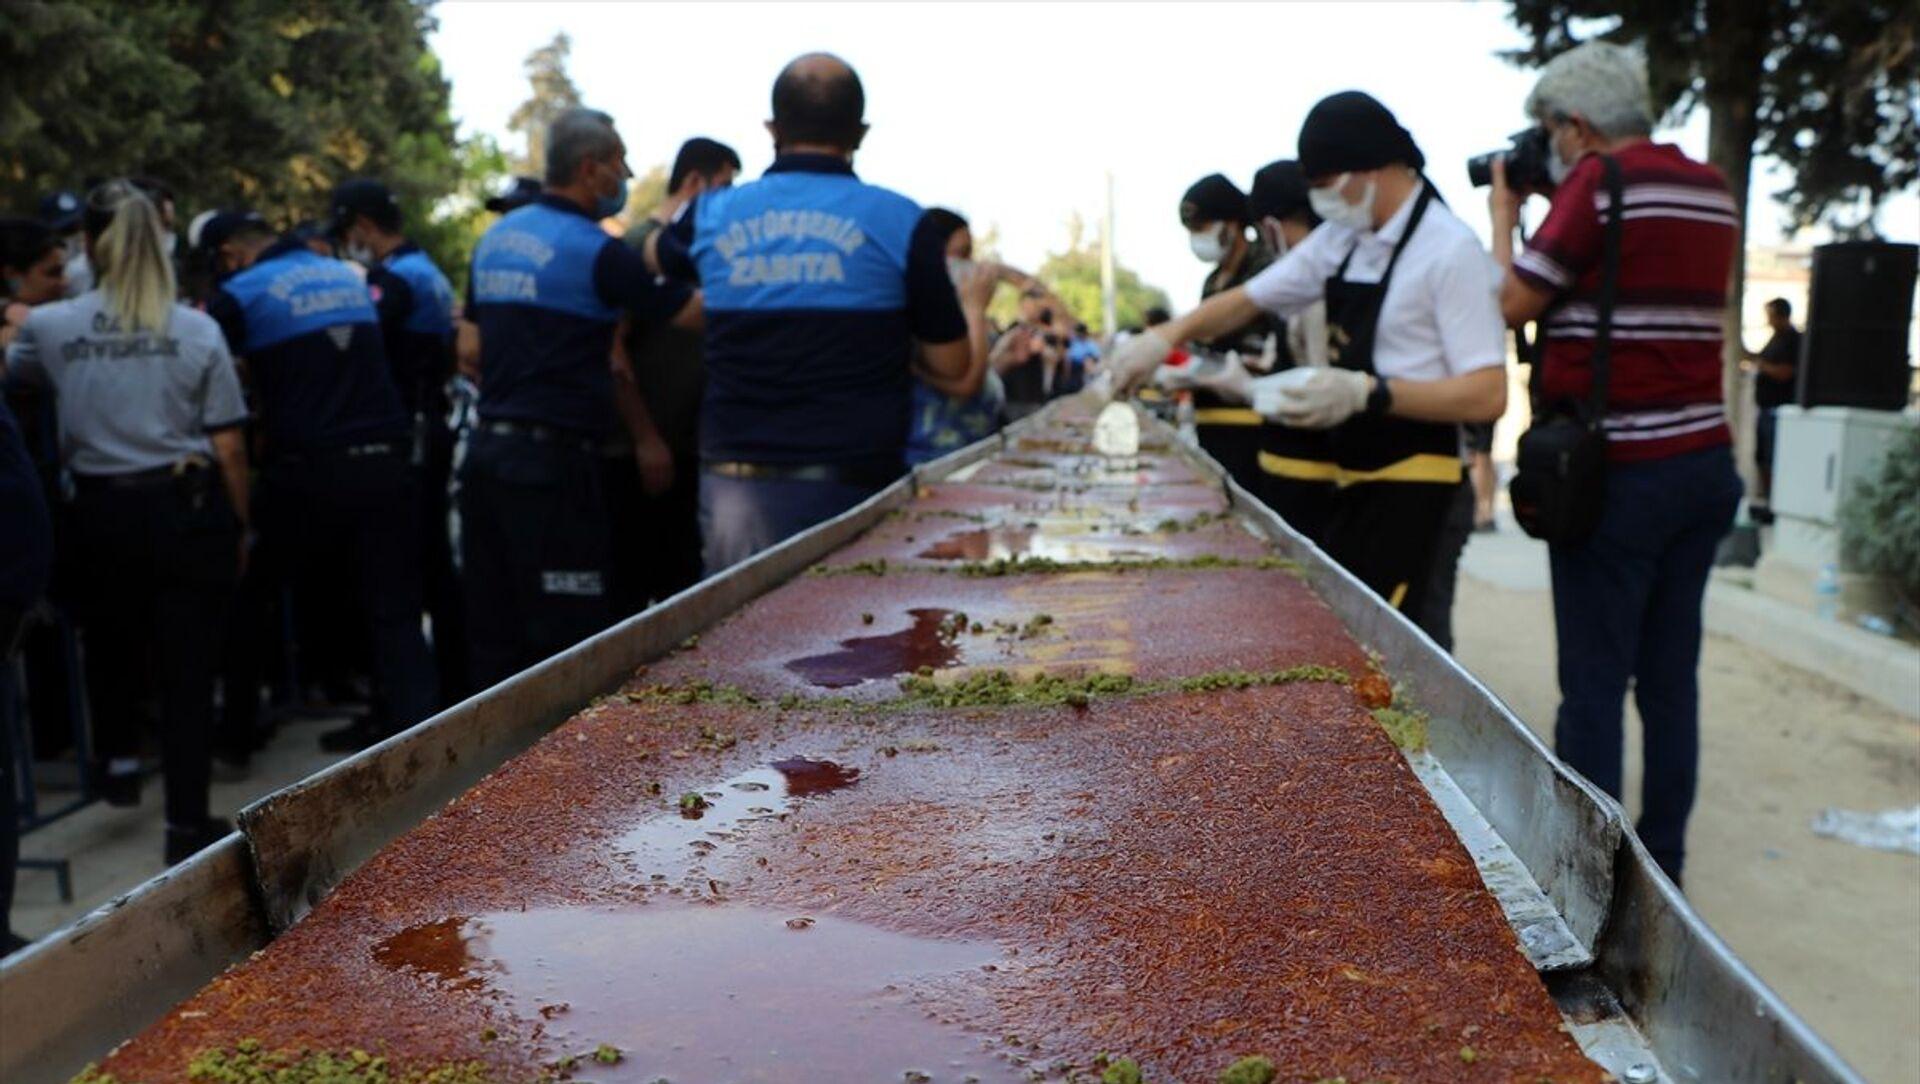 Hatay'ın Türkiye'ye katılışının 82'nci yıl dönümü kutlama etkinlikleri kapsamında 82 metre uzunluğundakünefeyapıldı. - Sputnik Türkiye, 1920, 24.07.2021